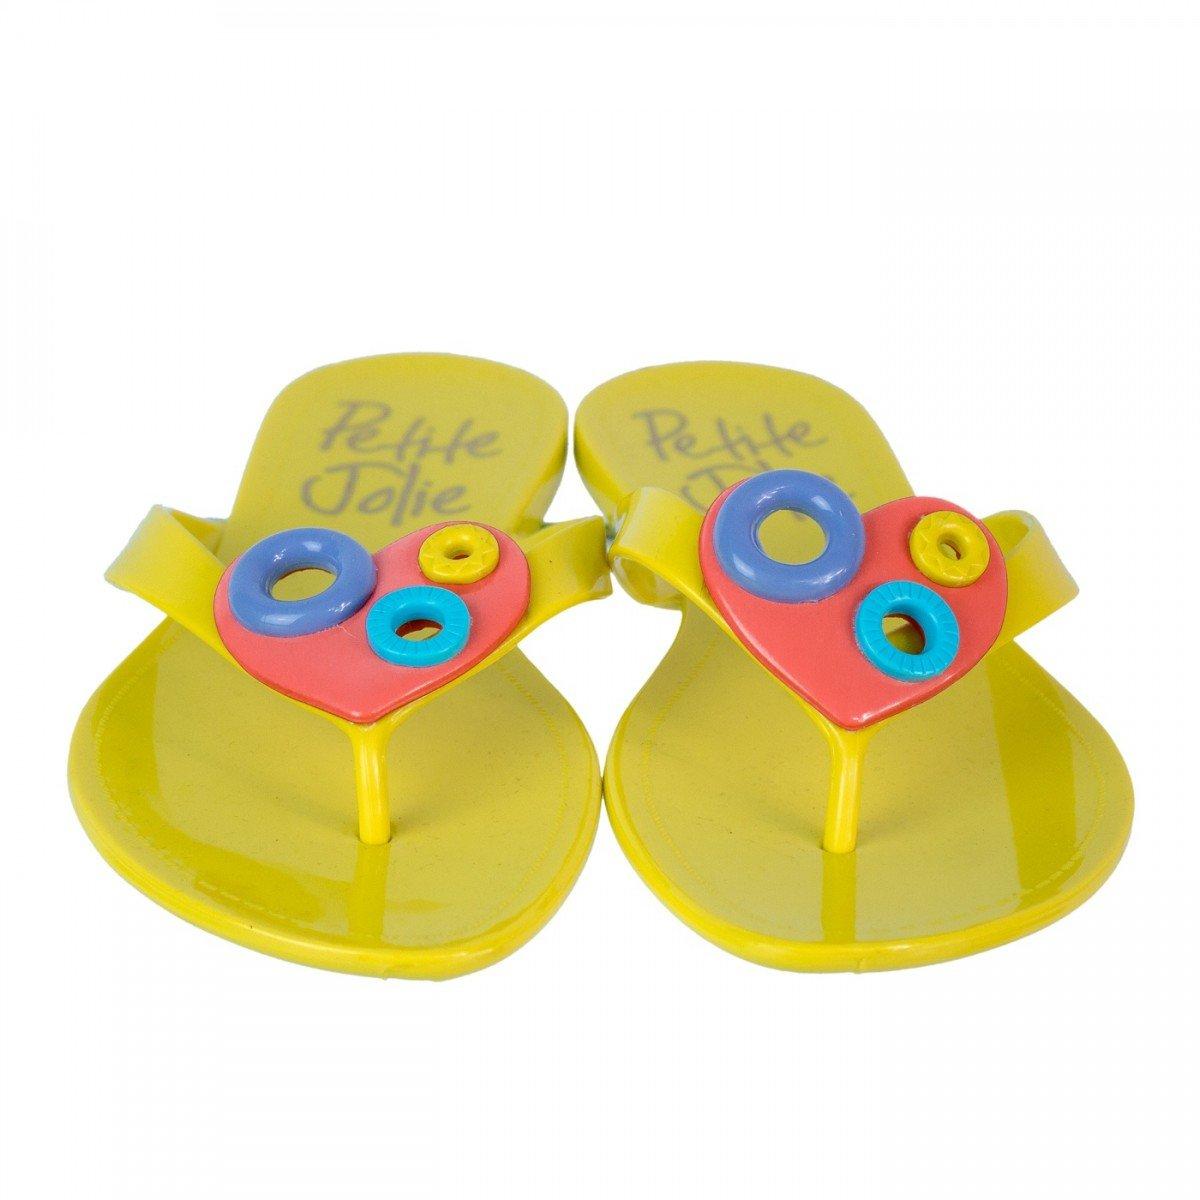 Amarelo Pvc Feminino Chinelo Chinelo Feminino Jolie Pj1440 Petite Petite RFq8f4w